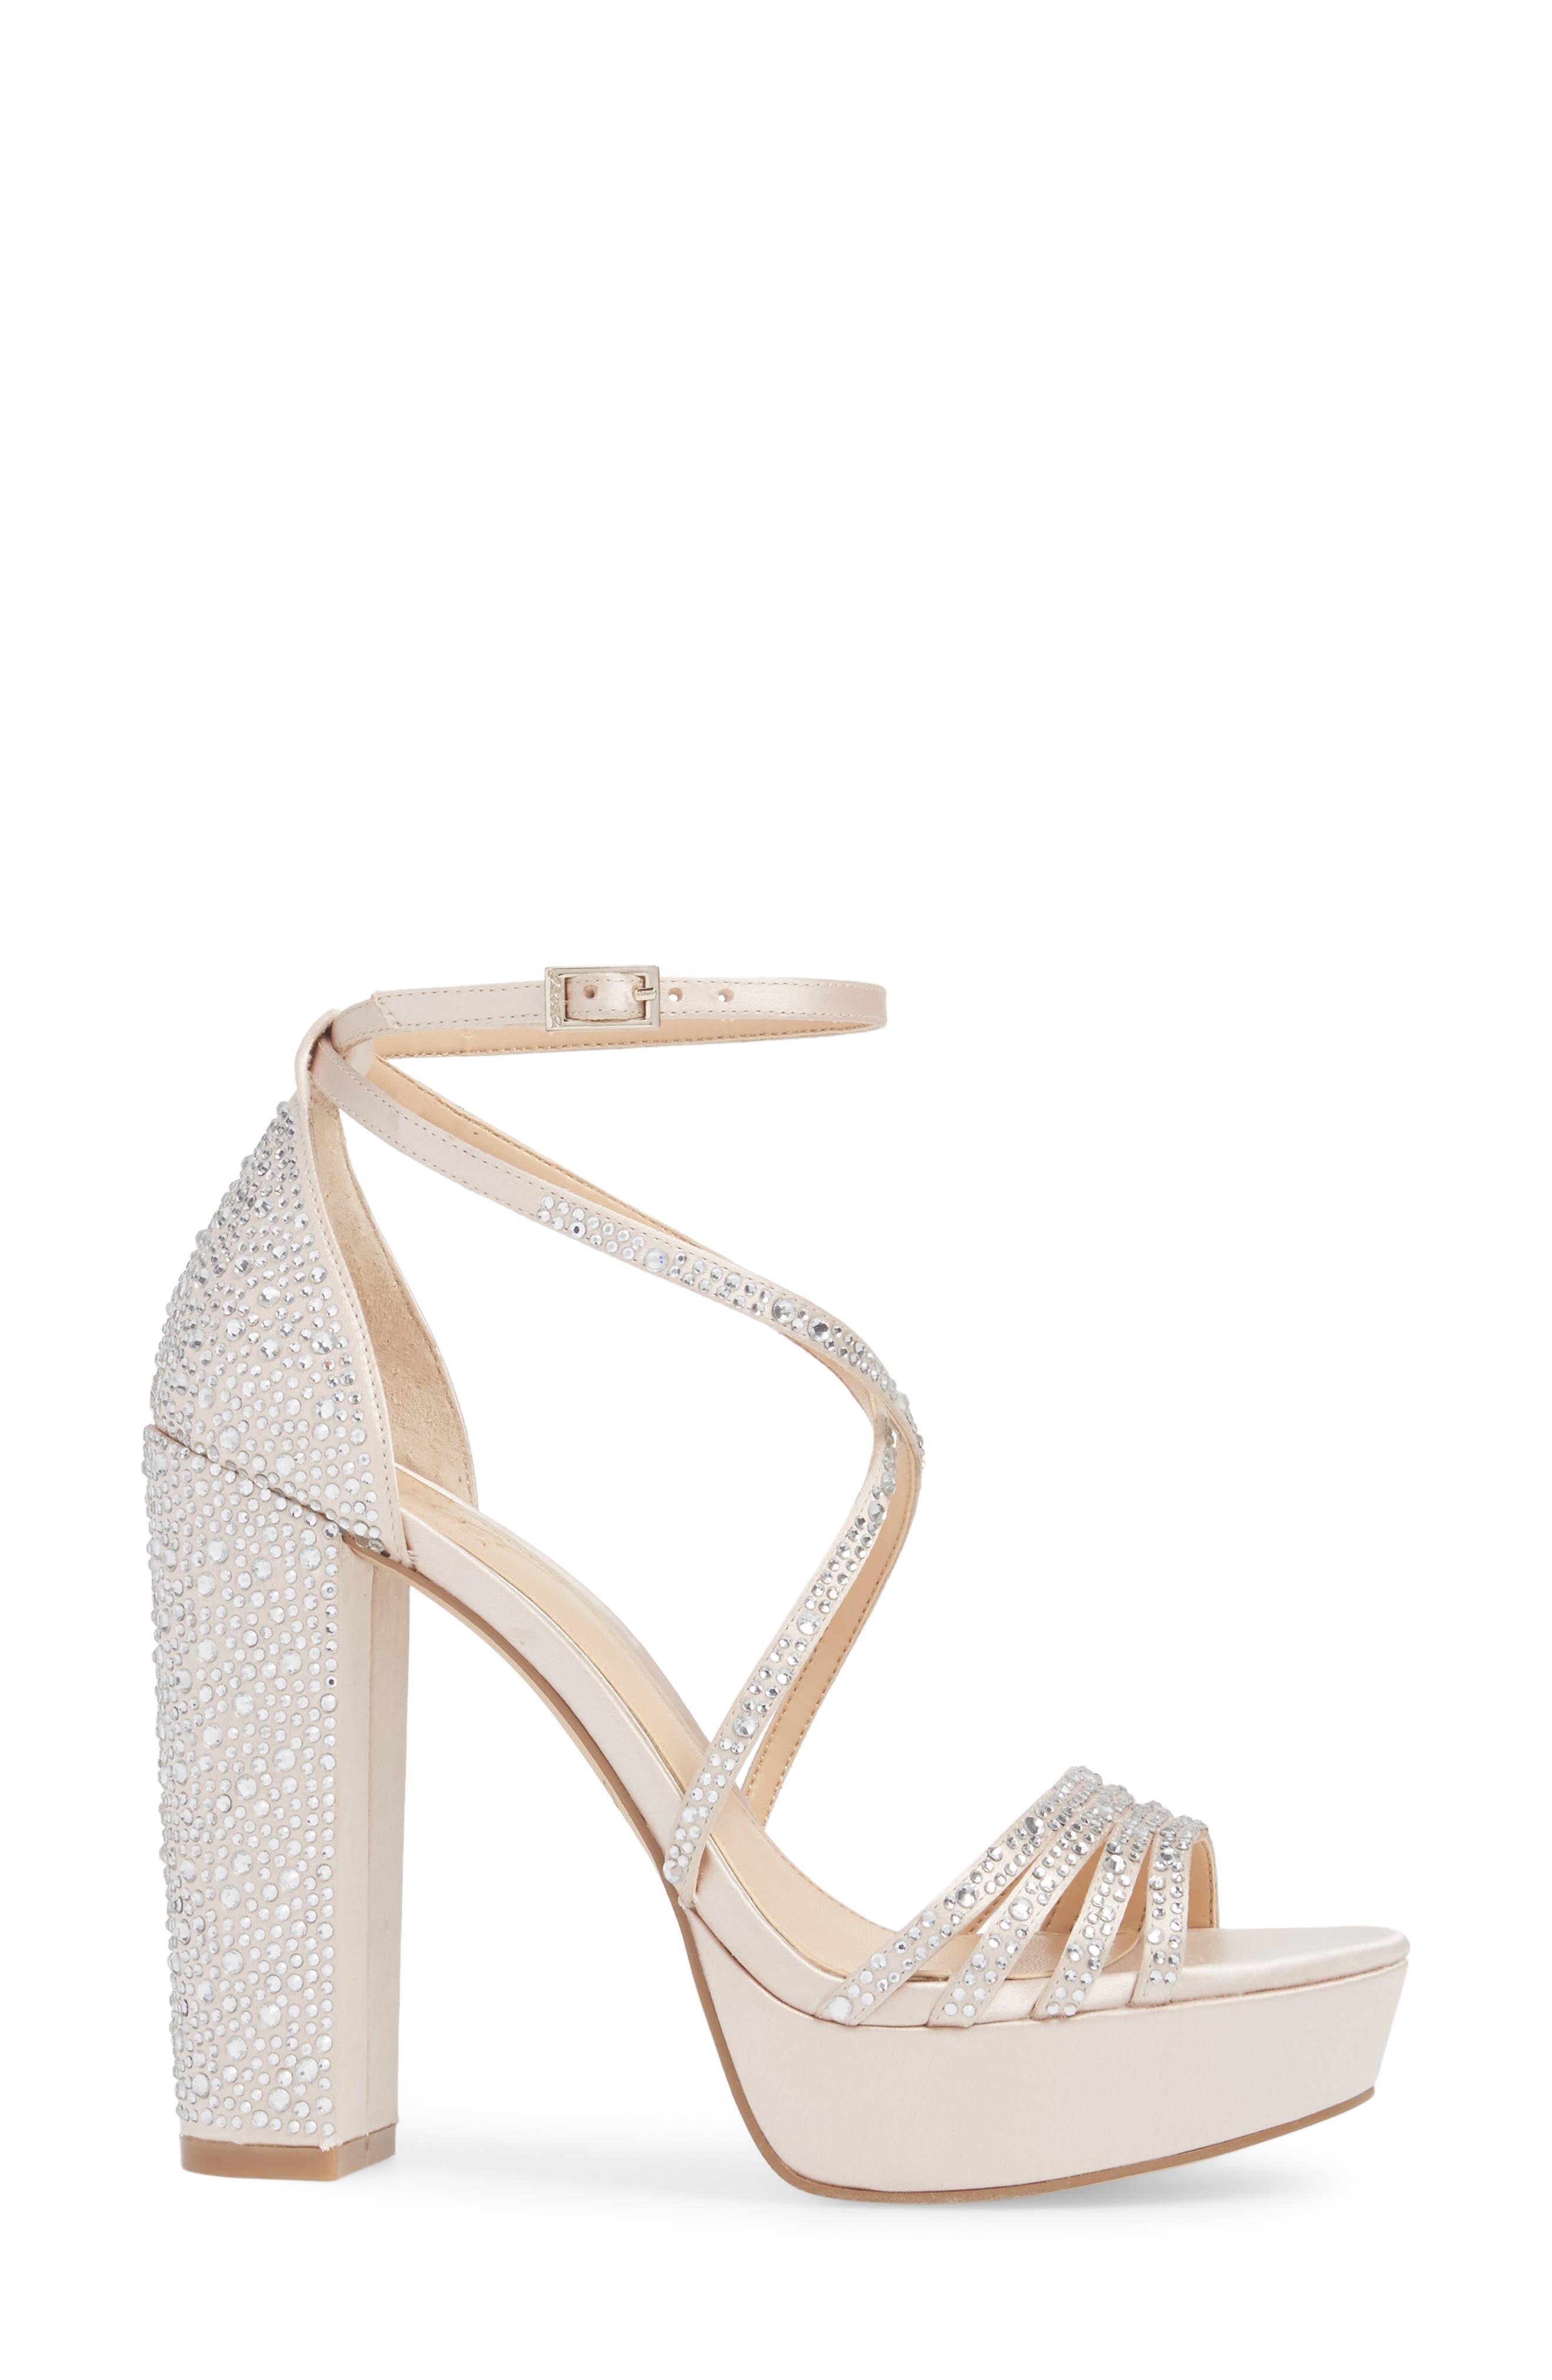 Tarah Crystal Embellished Platform Sandal,                             Alternate thumbnail 3, color,                             Champagne Satin